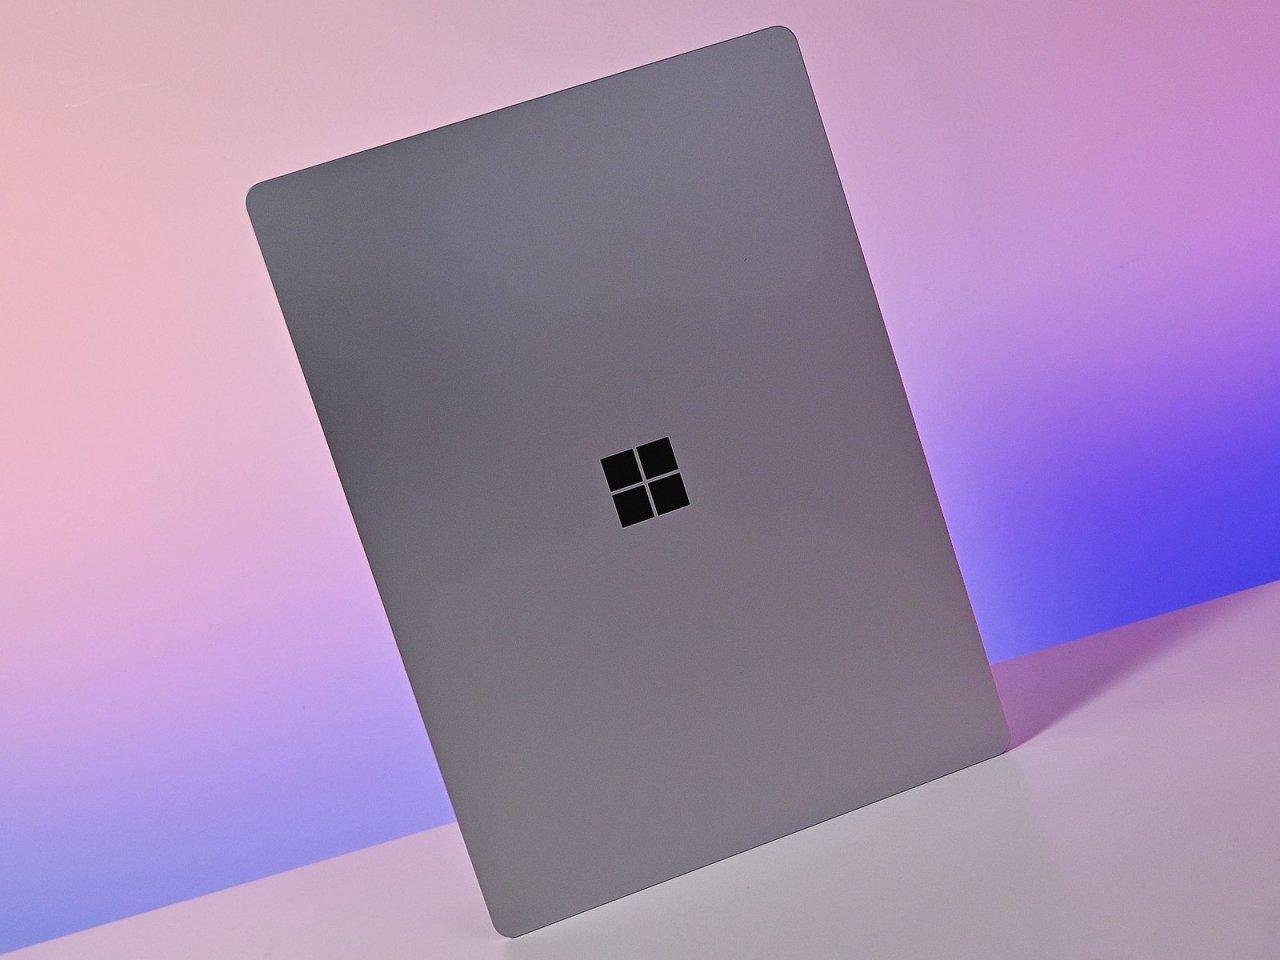 В сеть утекли фотографии Surface Pro 8 и Surface Laptop 4